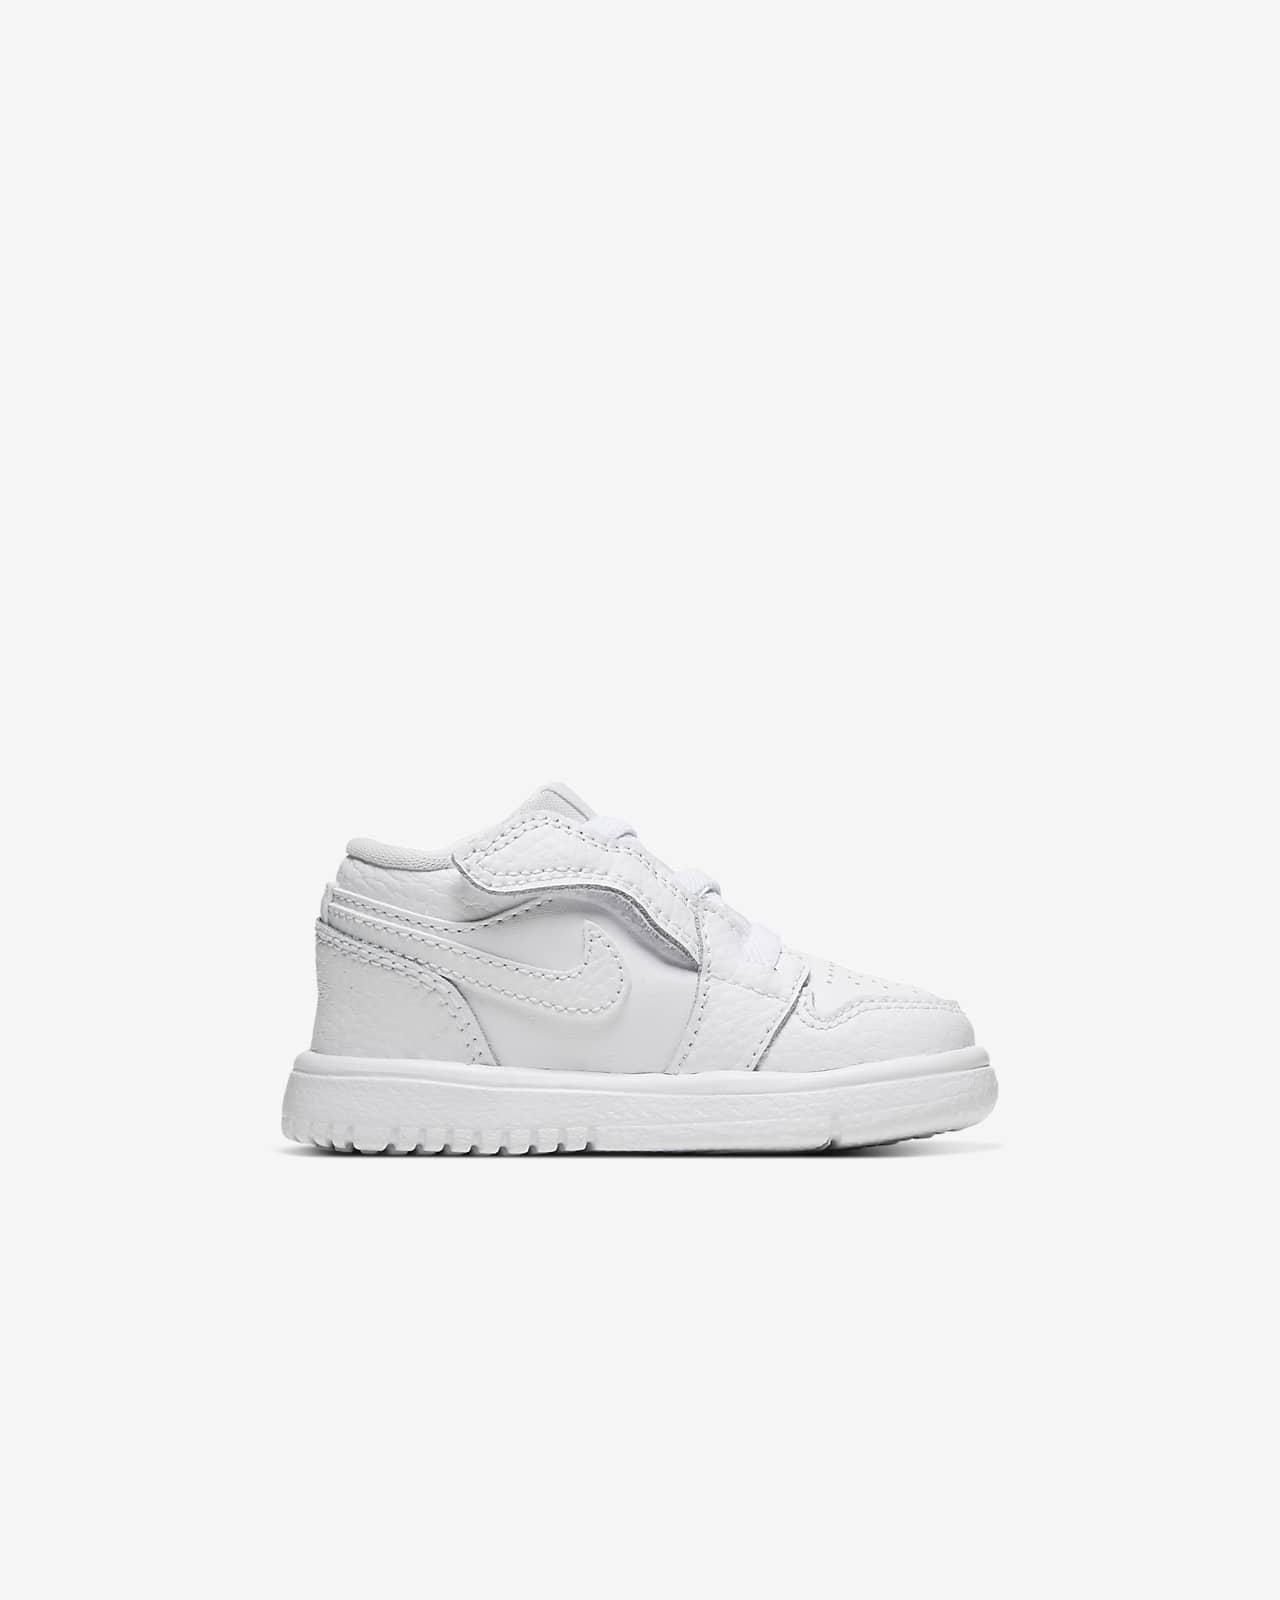 Chaussure Jordan 1 Low Alt pour Bébé et Petit enfant. Nike LU